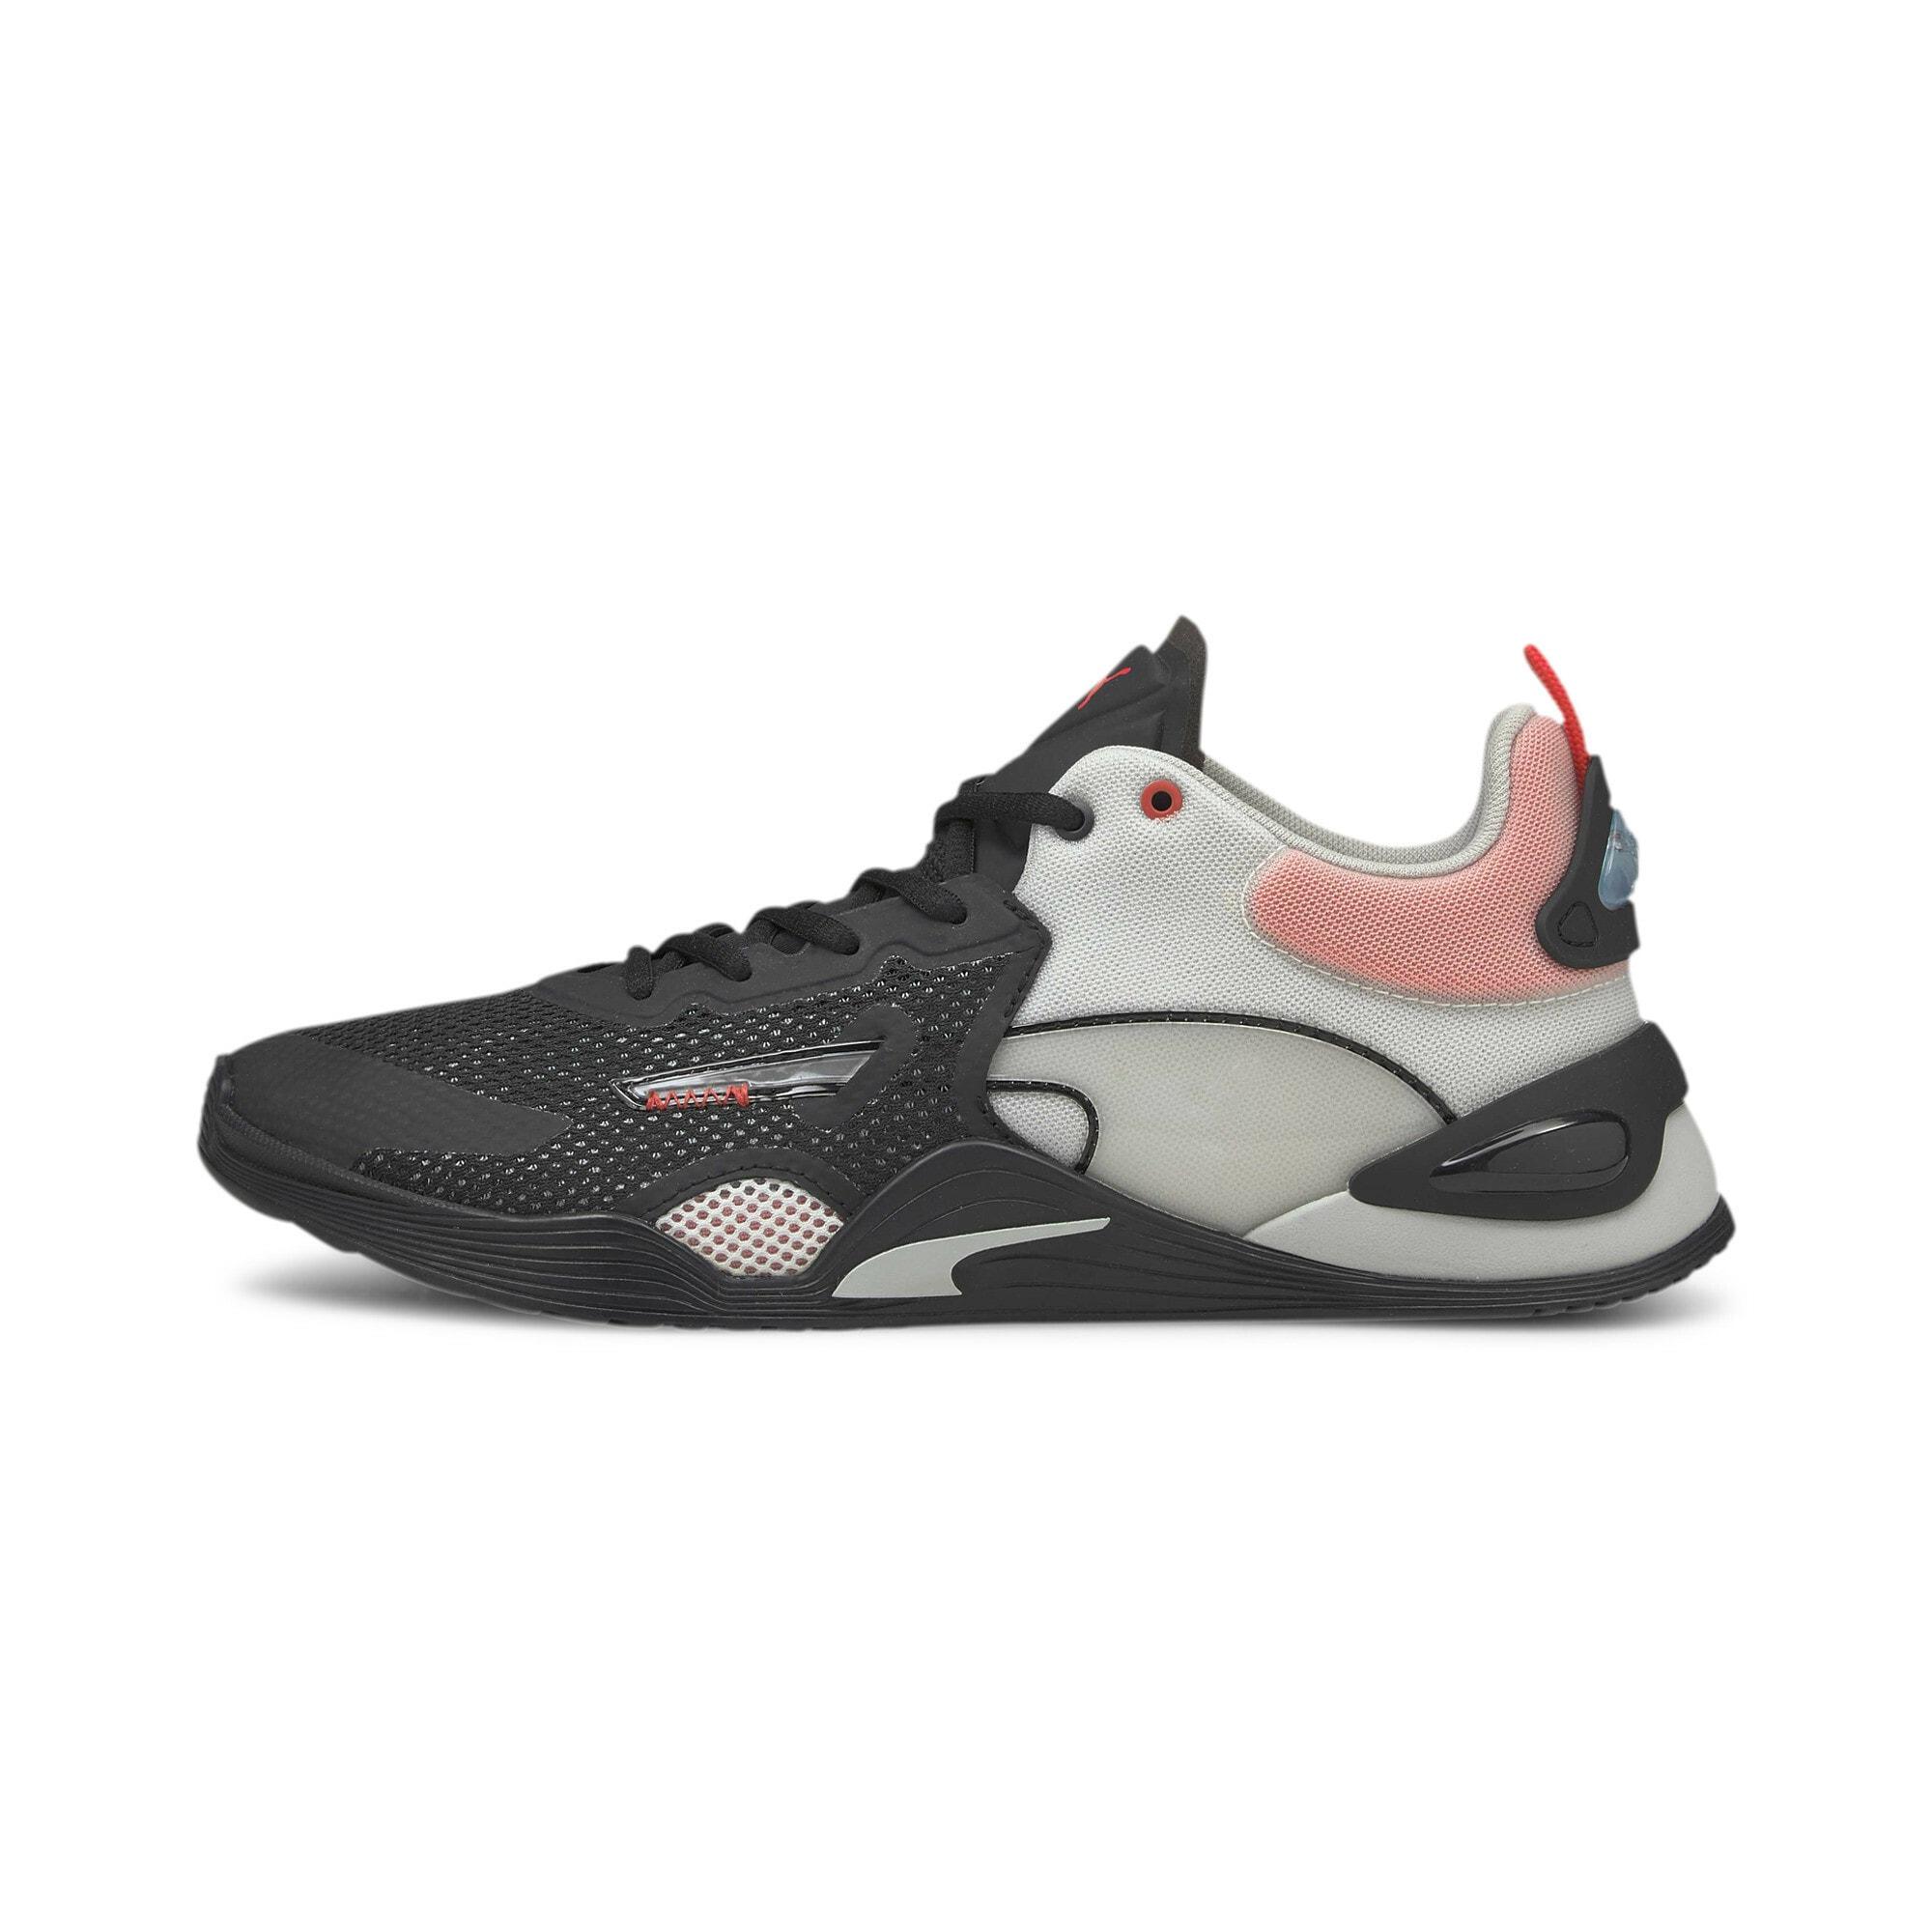 PUMA Sportiniai batai juoda / šviesiai pilka / ryškiai rožinė spalva